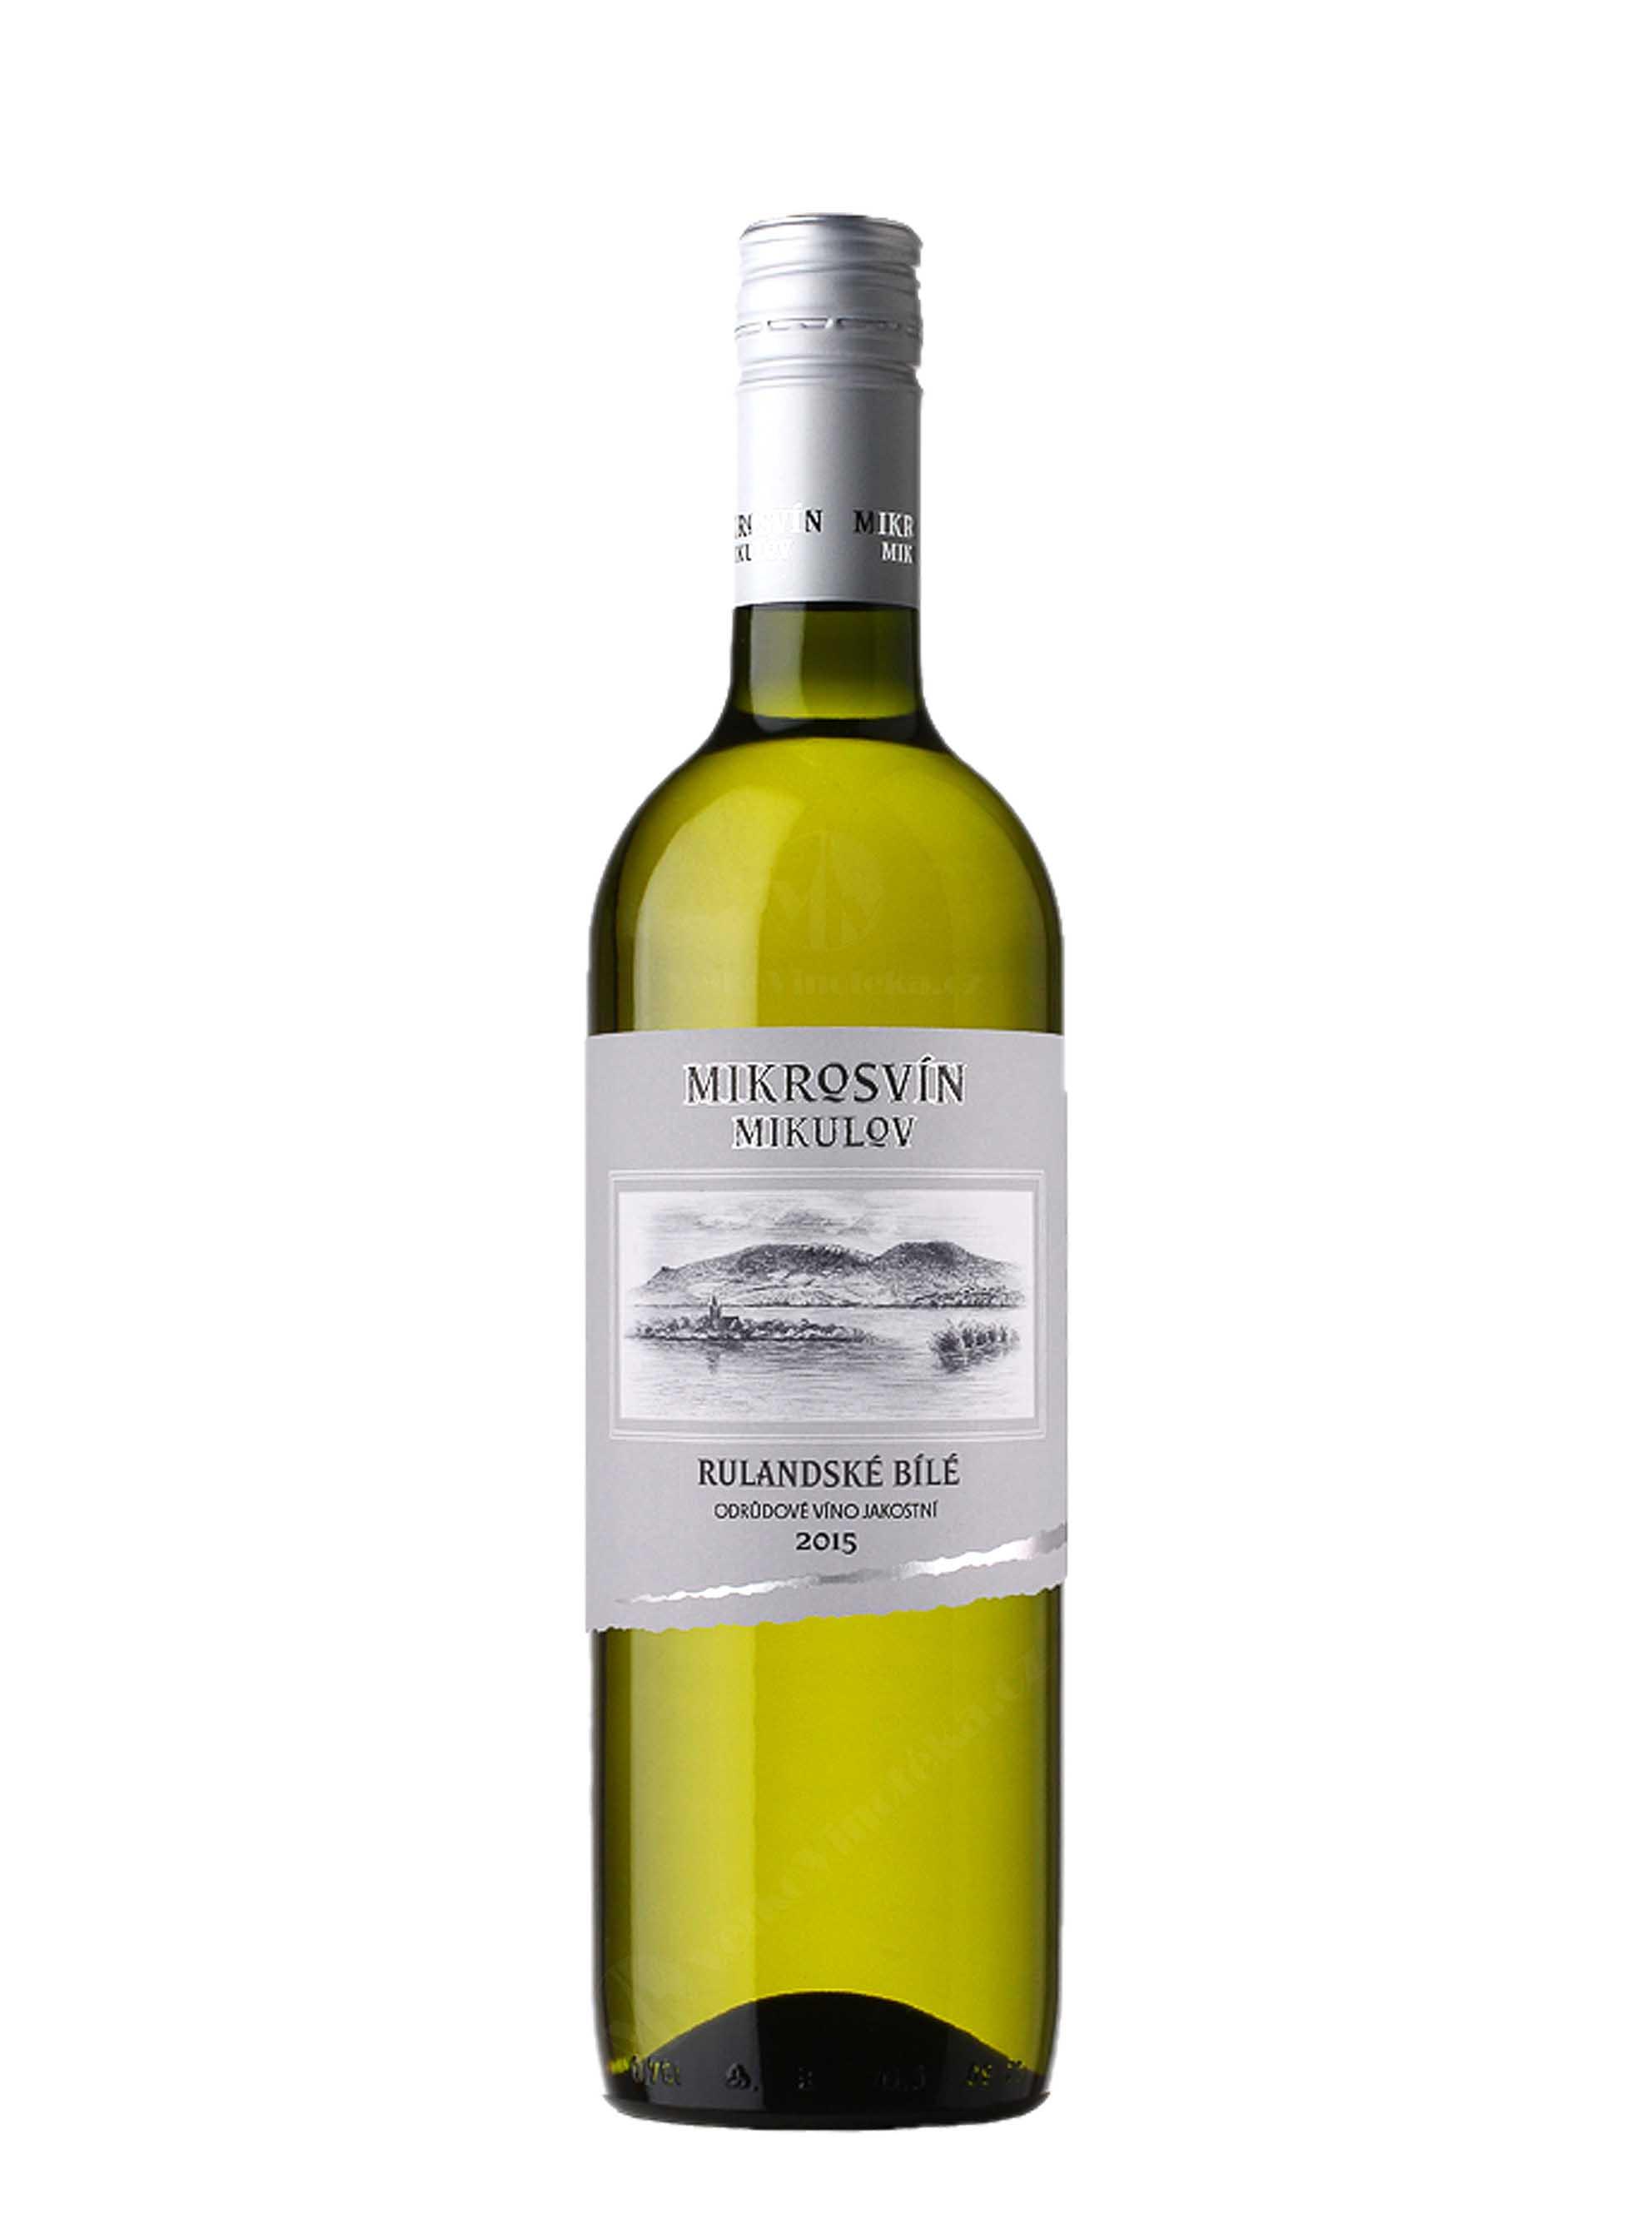 Rulandské bílé, Standard, Jakostní odrůdové, 2015, Mikrosvín, 0.75 l